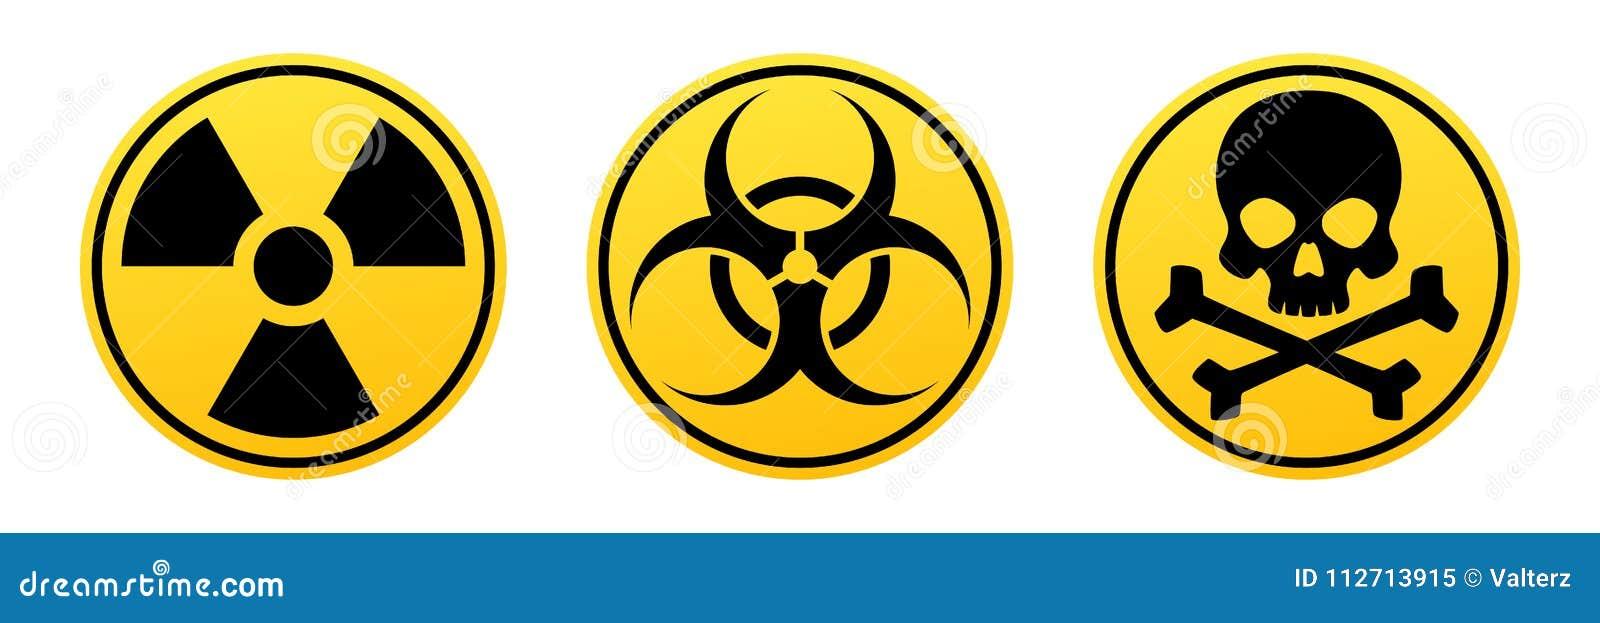 Segni gialli di vettore del pericolo Segno di radiazione, segnale di rischio biologico, segno tossico